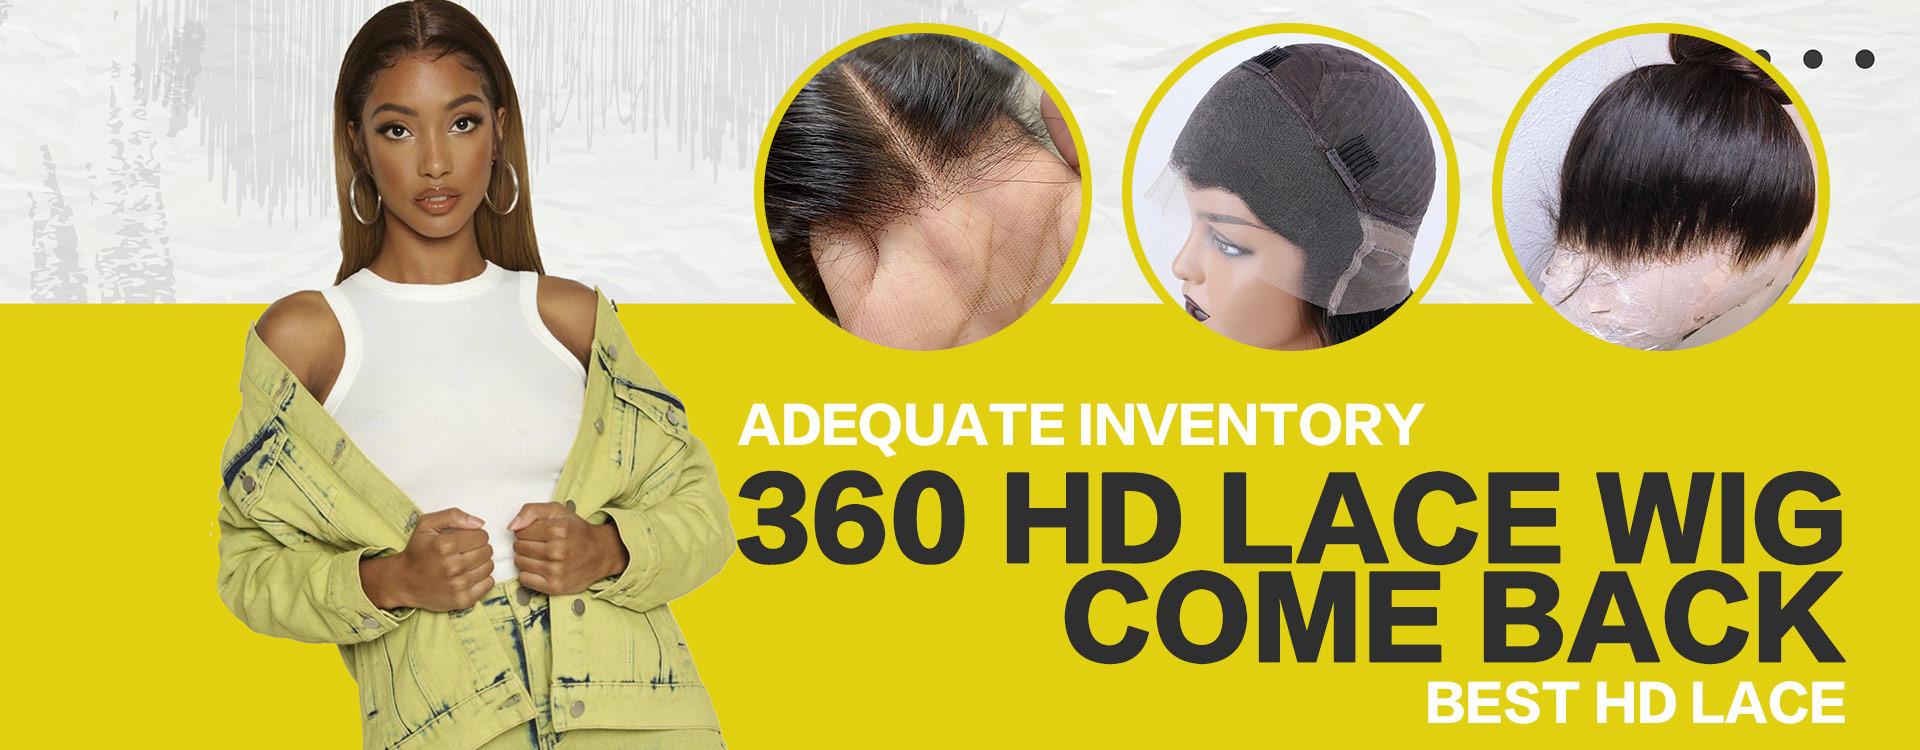 360 HD LACE WIG RESTOCK